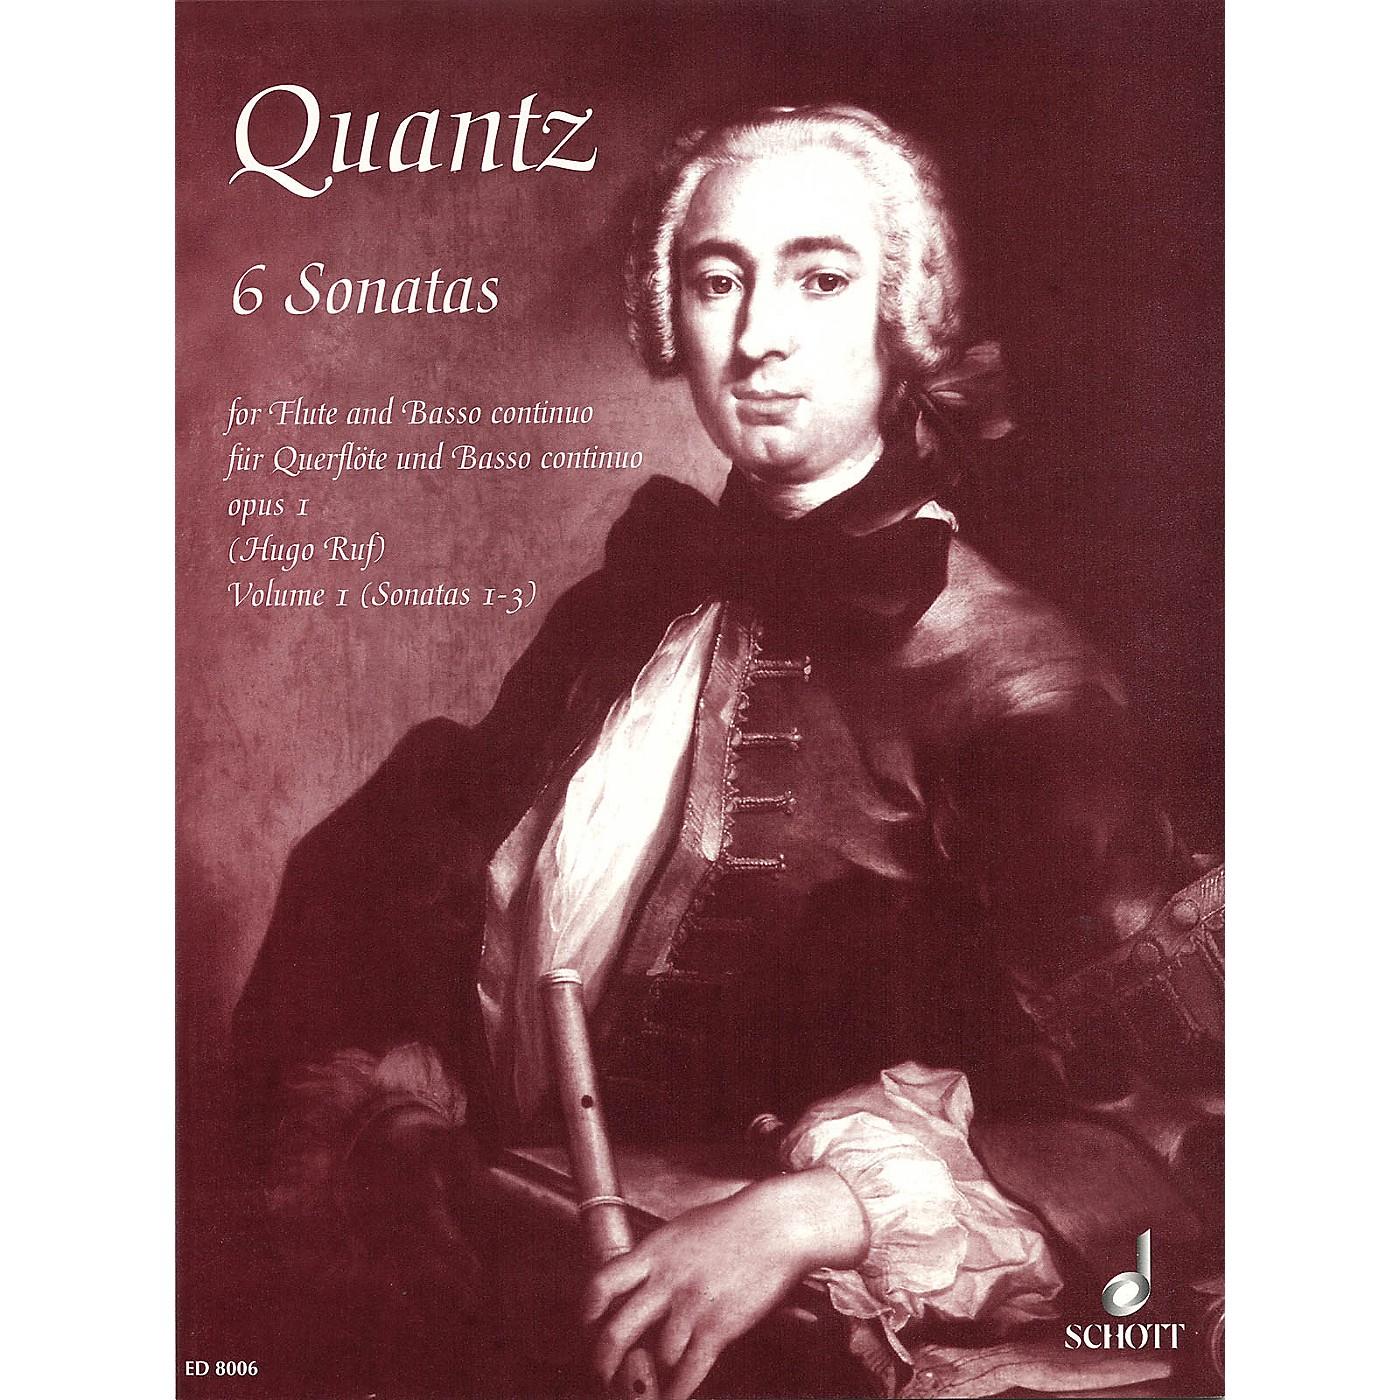 Schott 6 Sonatas Volume 1, No. 1-3, Op. 1 Schott Series thumbnail